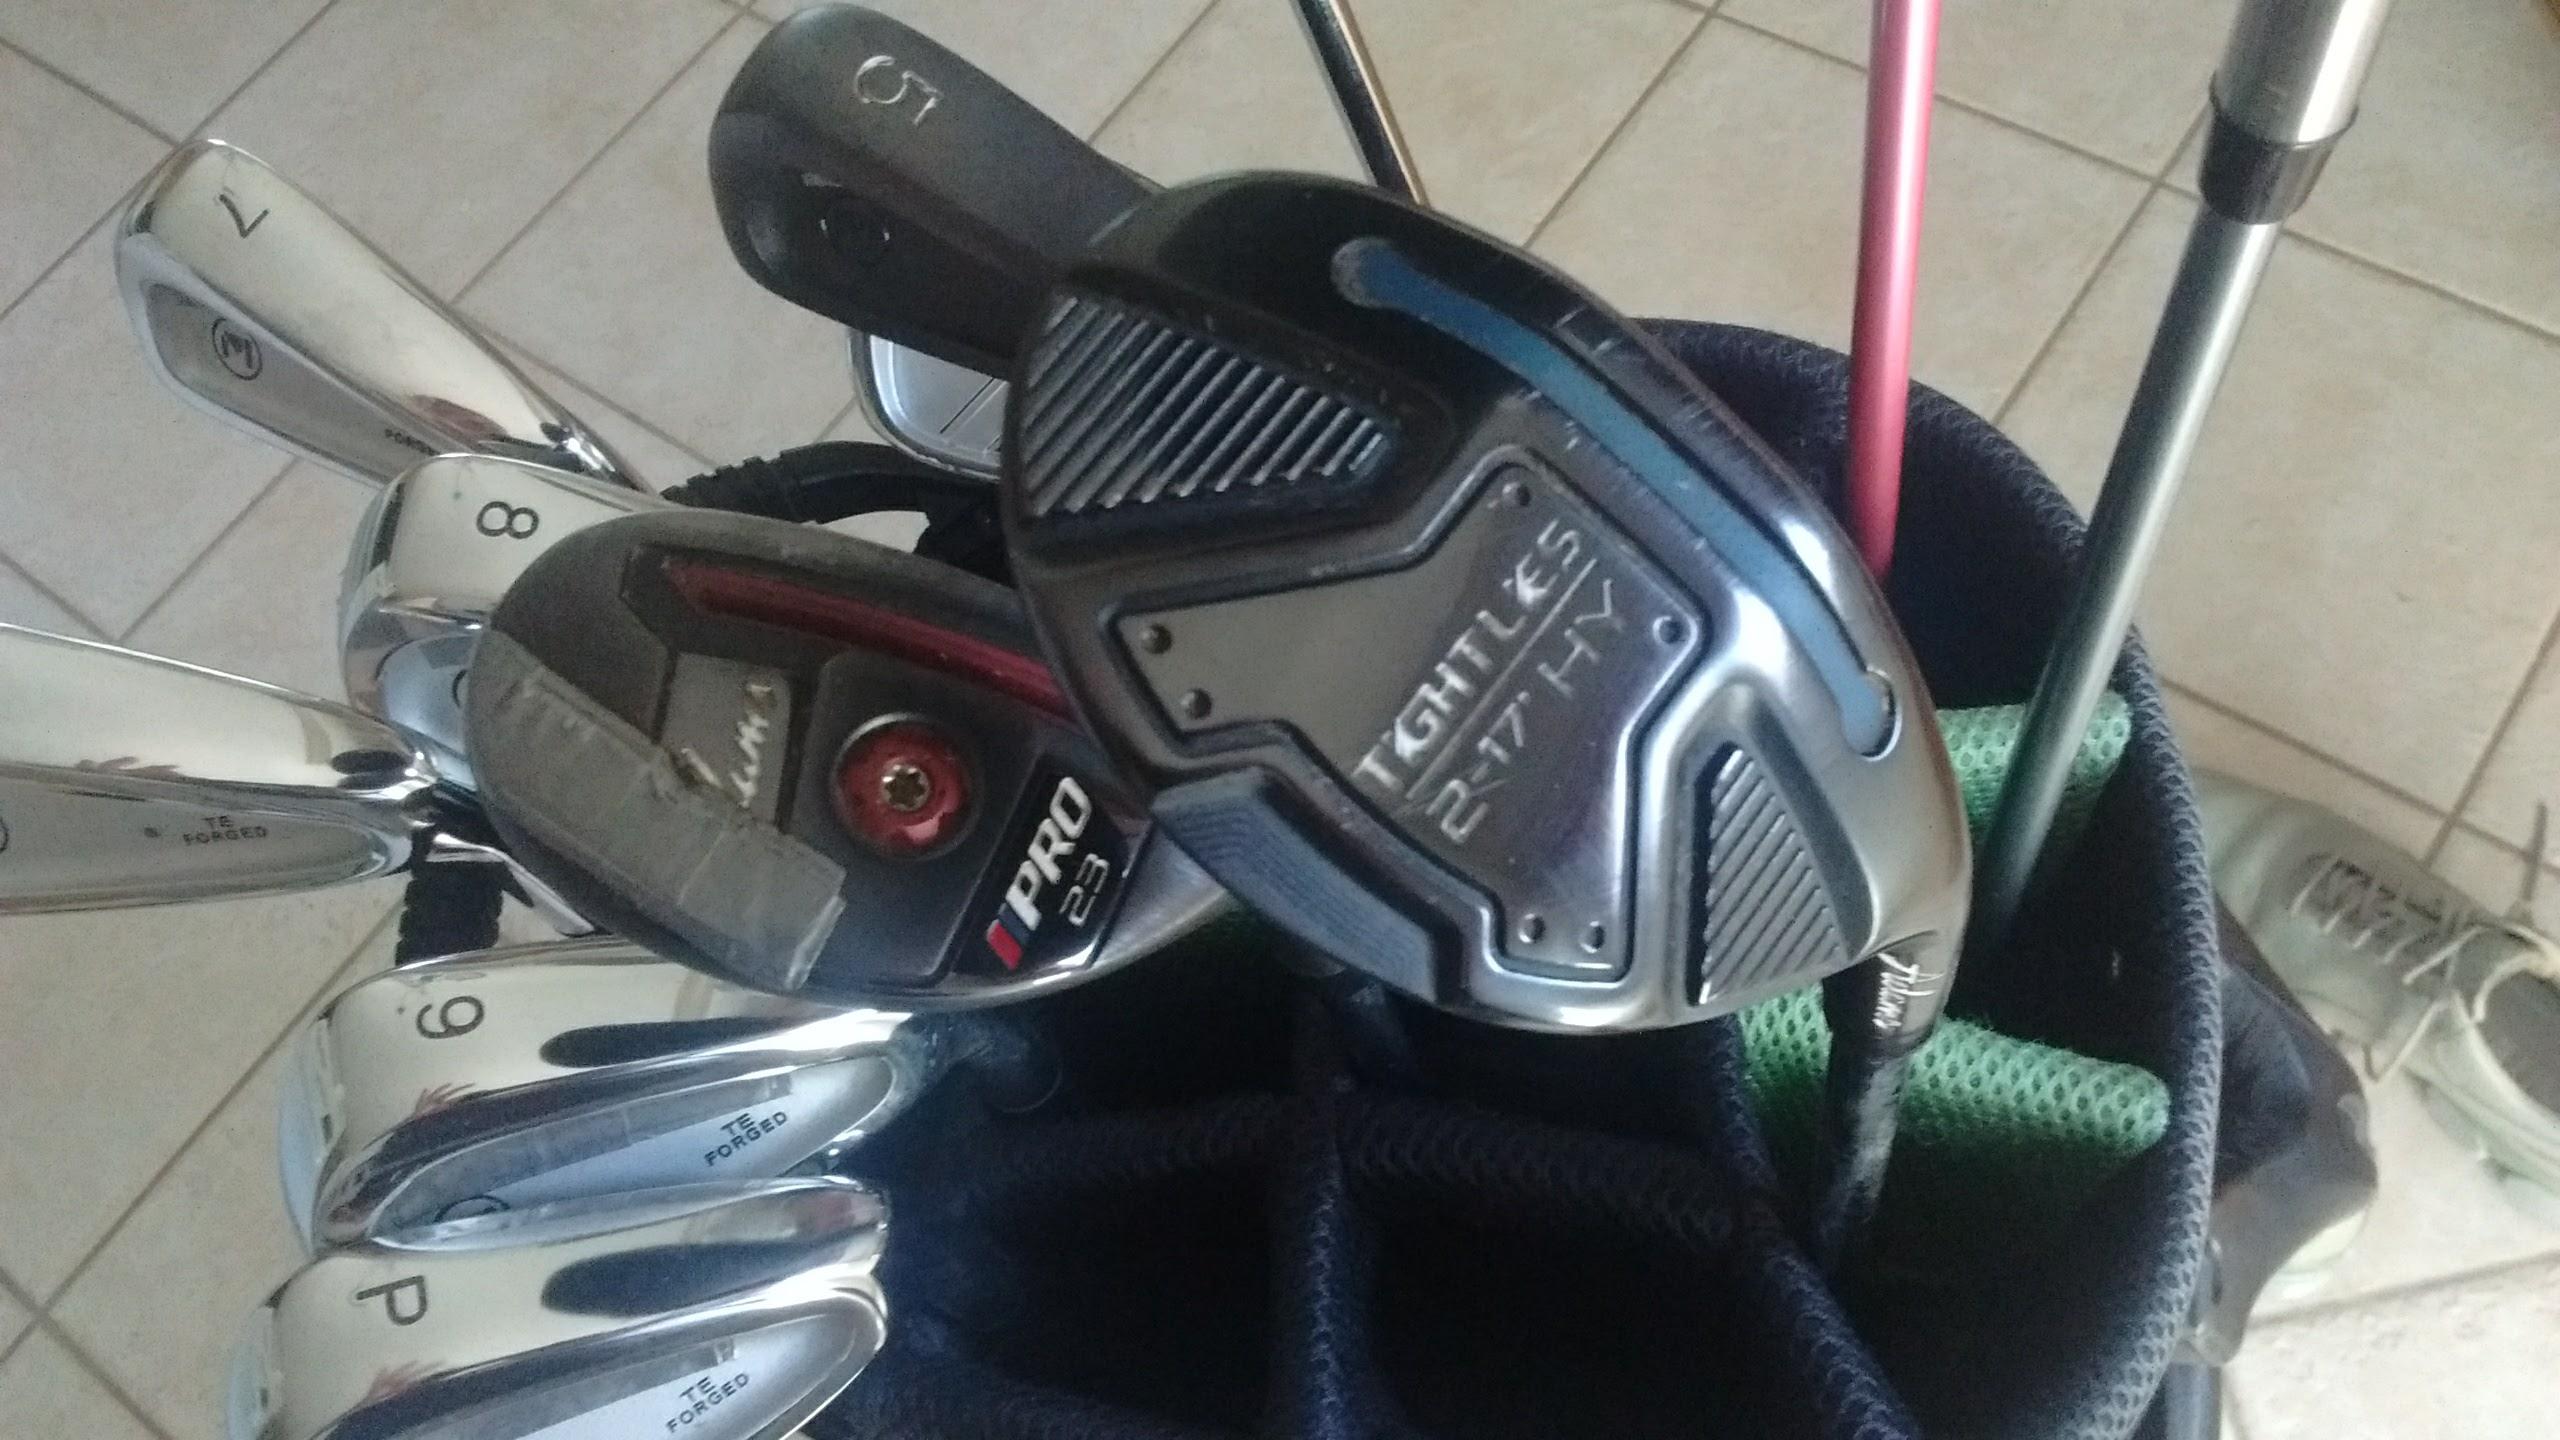 image http://www.golfbuzz.com/assets/images/108-lPf4j1qXQMbnntol.jpeg